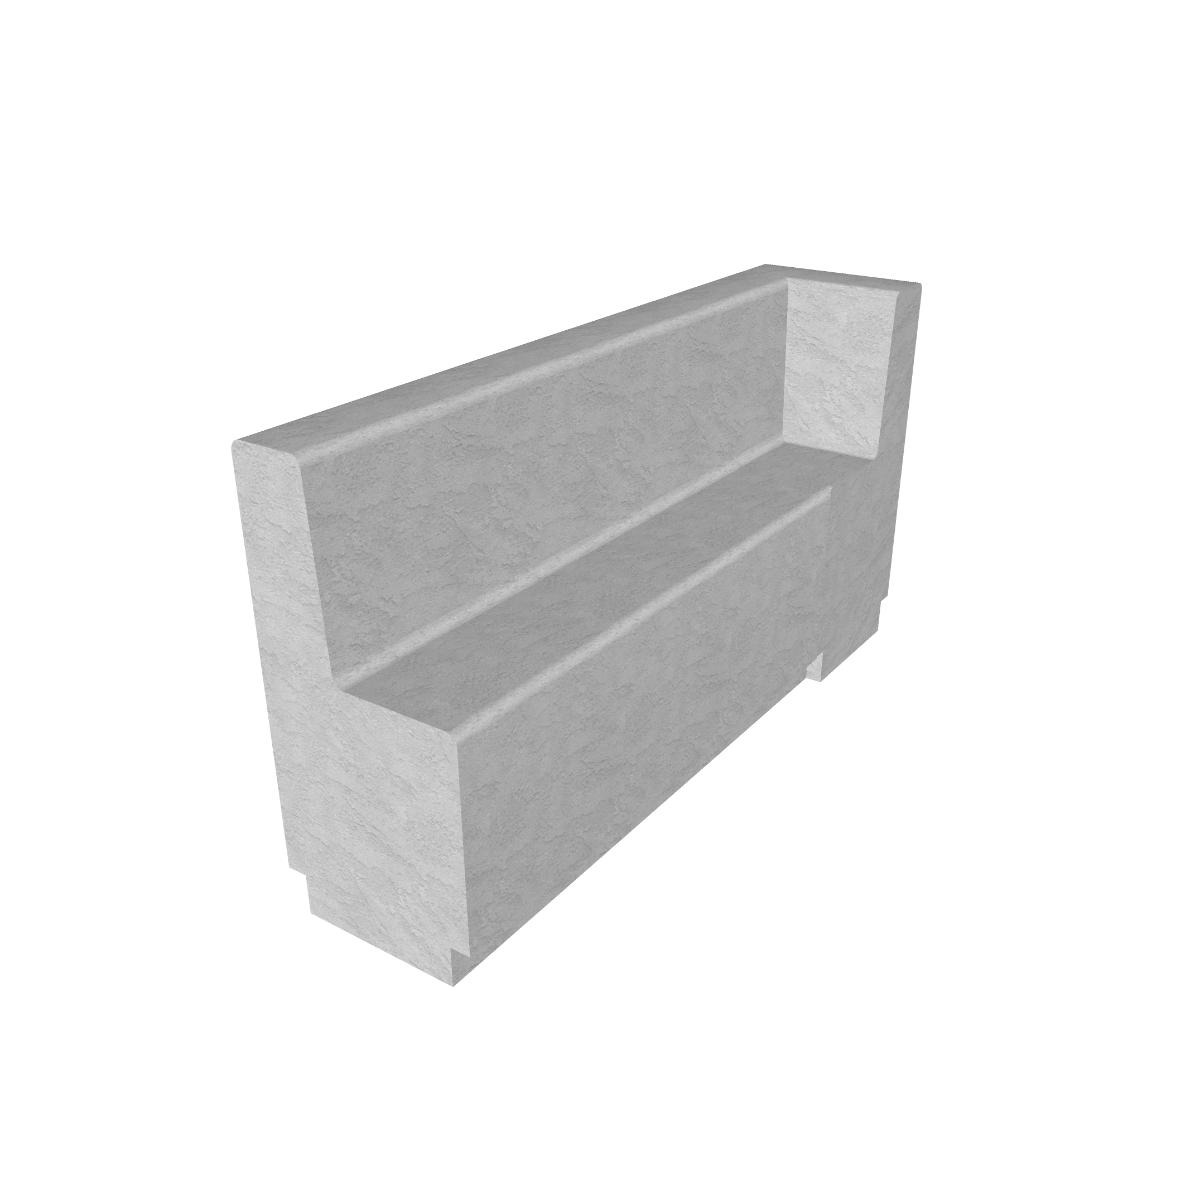 Matfen Concrete Bench